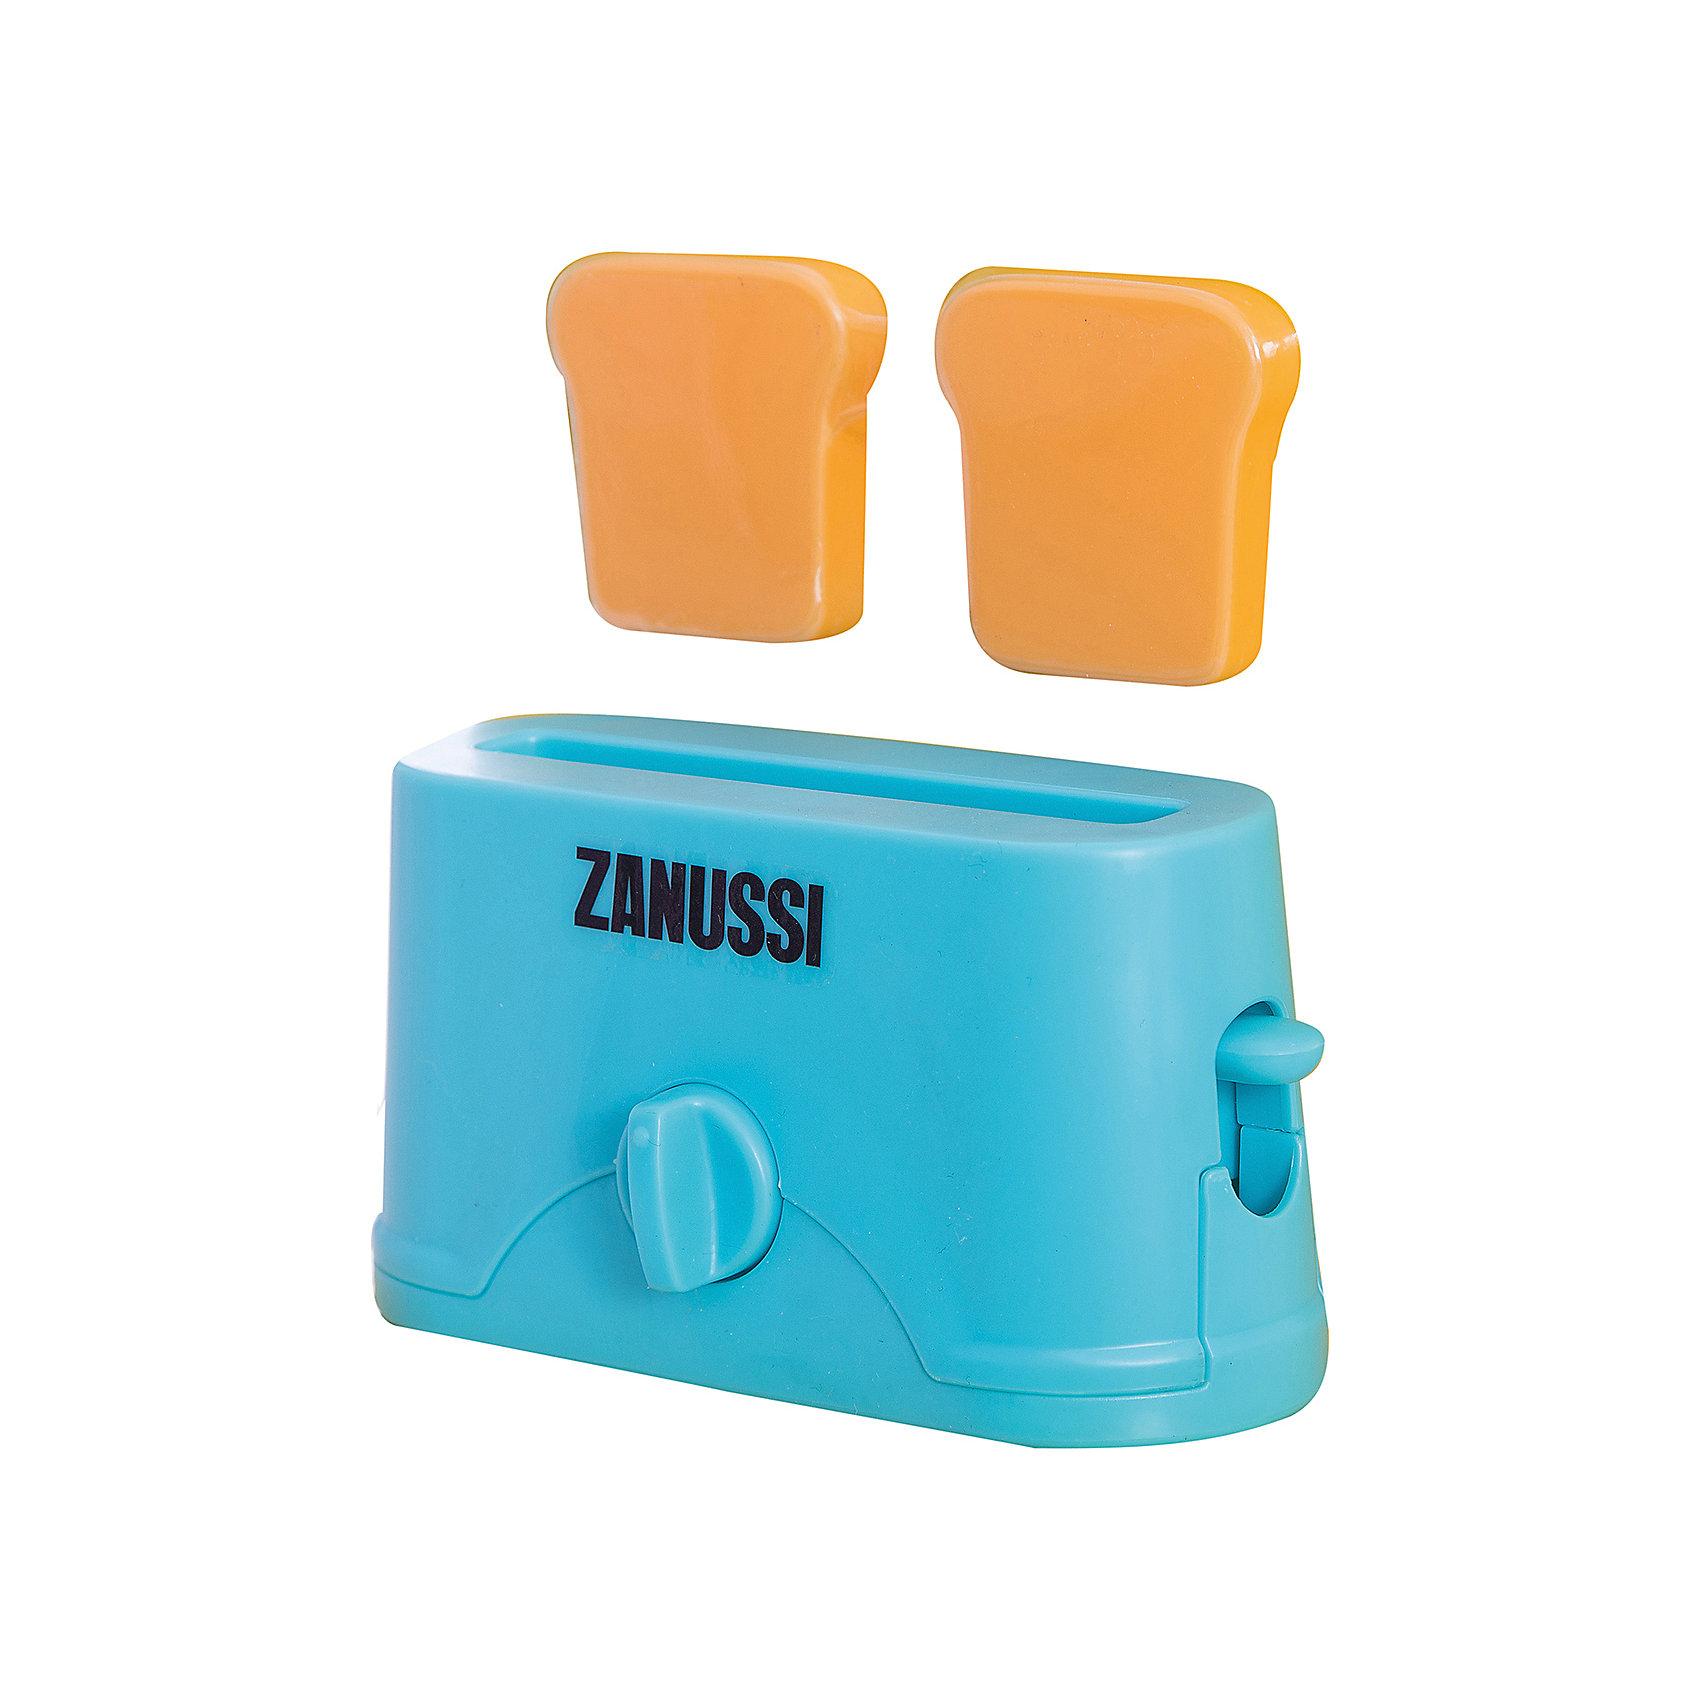 Тостер Zanussi, HTIТостер Zanussi, HTI.<br><br>Характеристика: <br><br>• Материал: пластик. <br>• Размер: 18,9x17x8 см<br>• Комплектация: тостер, 2 куска хлеба. <br>• Яркий привлекательный дизайн. <br>• Элемент питания: 2 ААА батарейки (не входят в комплект). <br>• Световые и звуковые эффекты. <br><br>Яркий Тостер Zanussi займет достойное место на любой игрушечной кухне! Игрушка прекрасно детализирована и выглядит, как настоящий тостер. При нажатии на рычаг слышится звук таймера, а потом выпрыгивают готовые тосты, световые эффекты включаются кнопкой. Тостер изготовлен из высококачественного прочного пластика безопасного для детей.<br><br>Тостер Zanussi, HTI, можно купить в нашем интернет-магазине.<br><br>Ширина мм: 189<br>Глубина мм: 170<br>Высота мм: 80<br>Вес г: 200<br>Возраст от месяцев: 36<br>Возраст до месяцев: 168<br>Пол: Женский<br>Возраст: Детский<br>SKU: 5366536